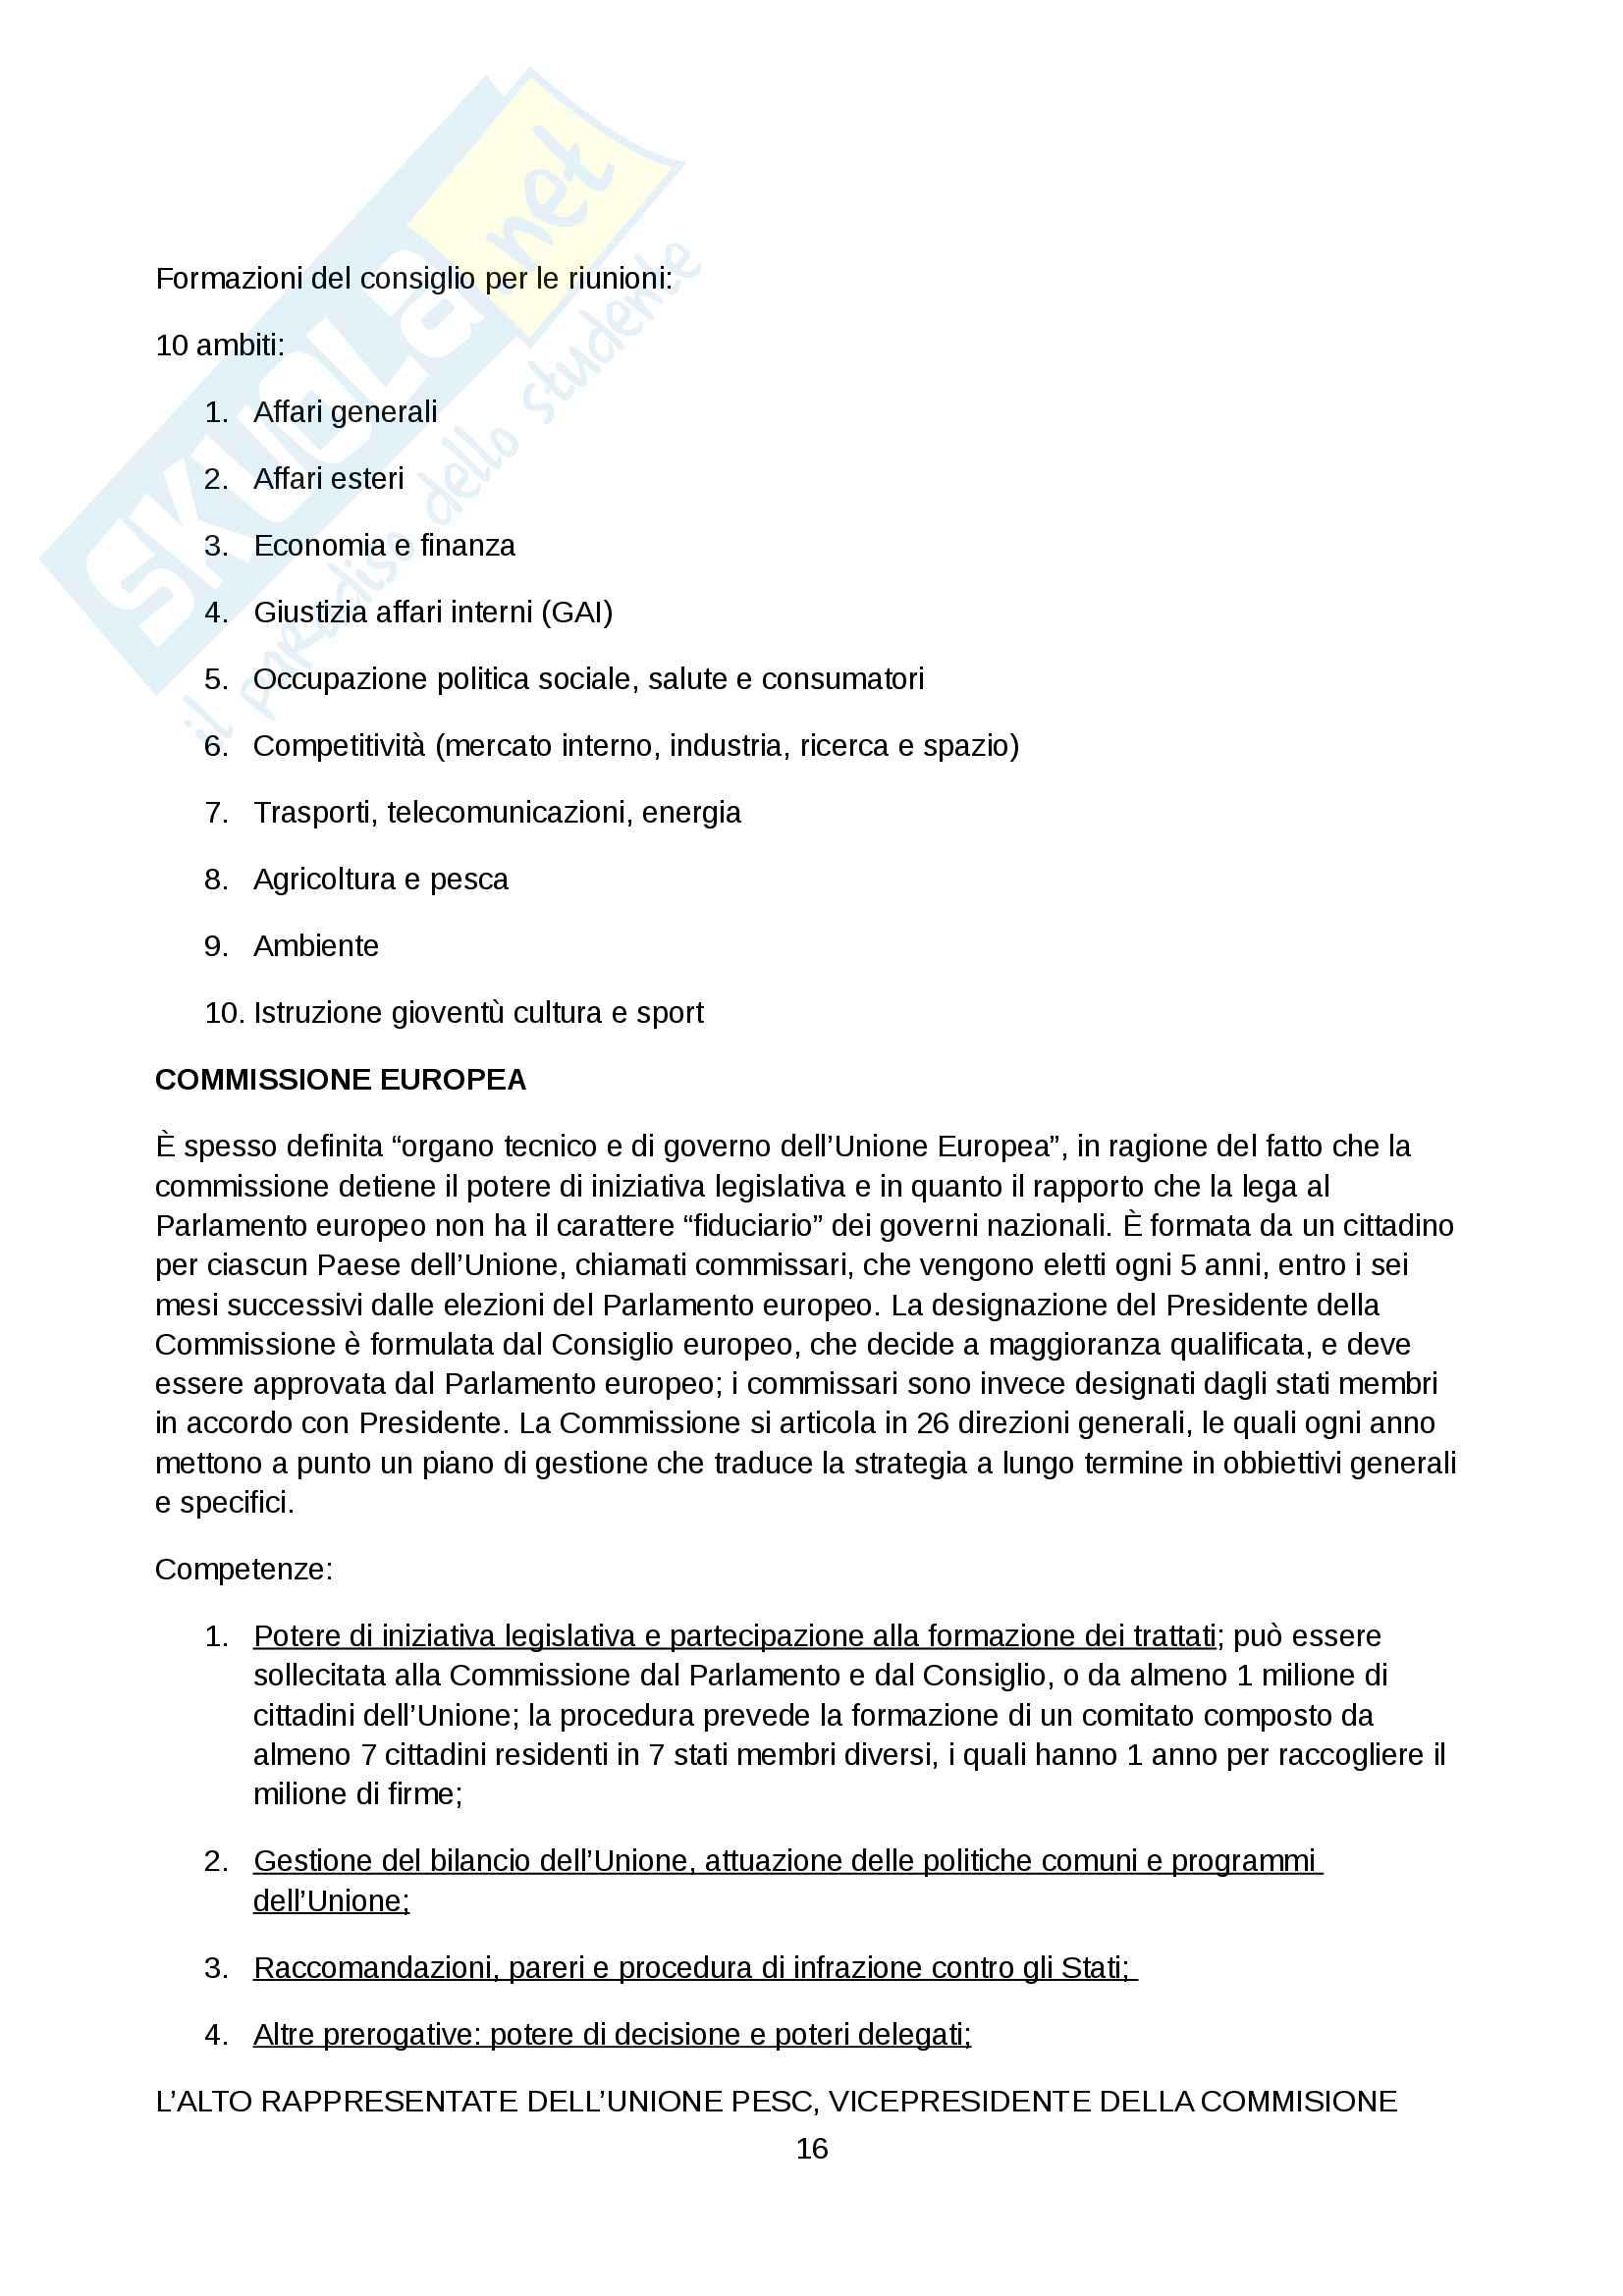 Riassunto esame diritto dell'unione europea Pag. 16